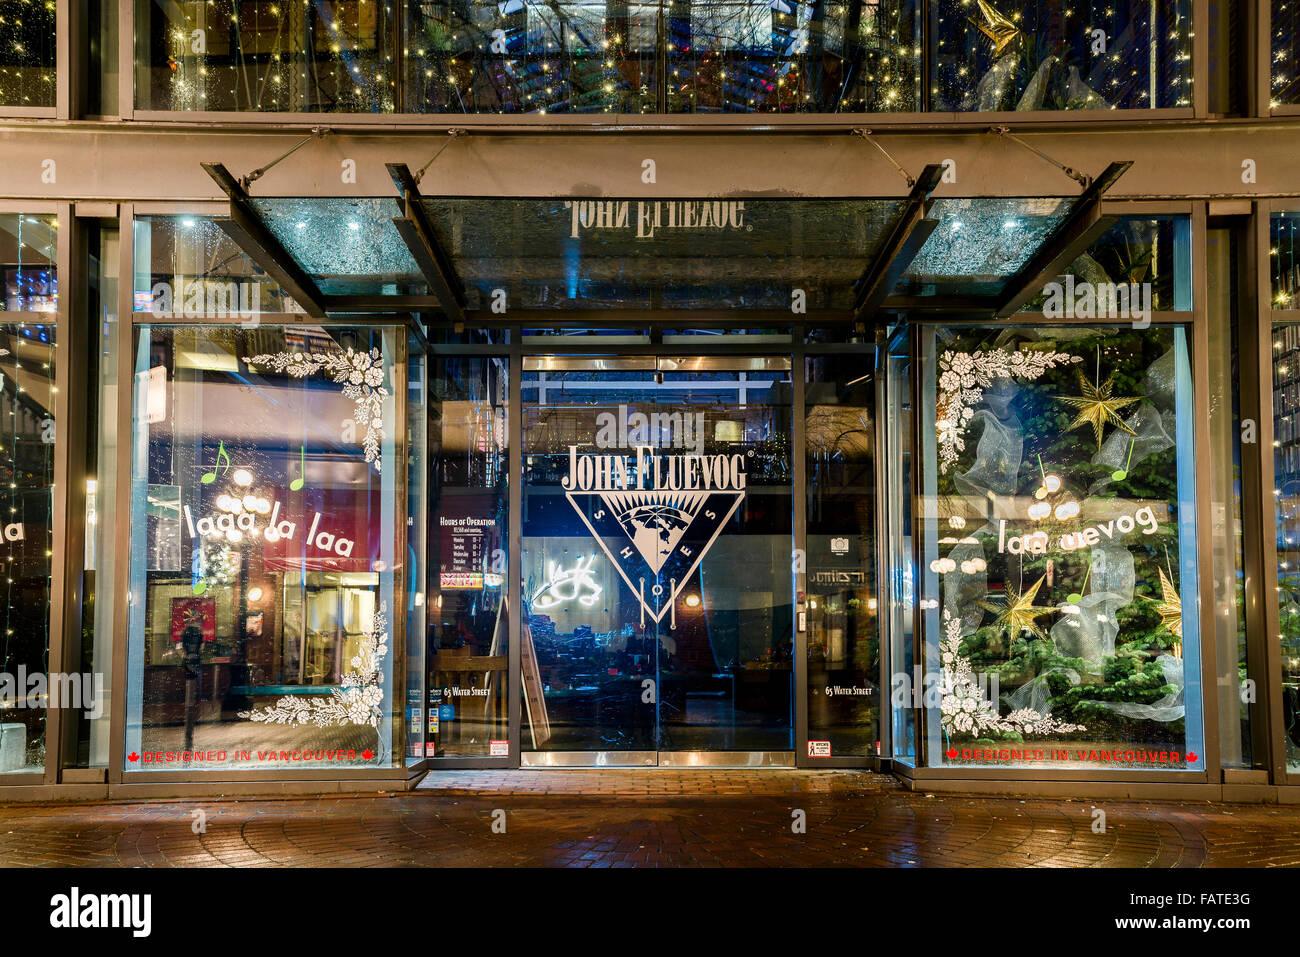 Fluevog Shoe Store Toronto